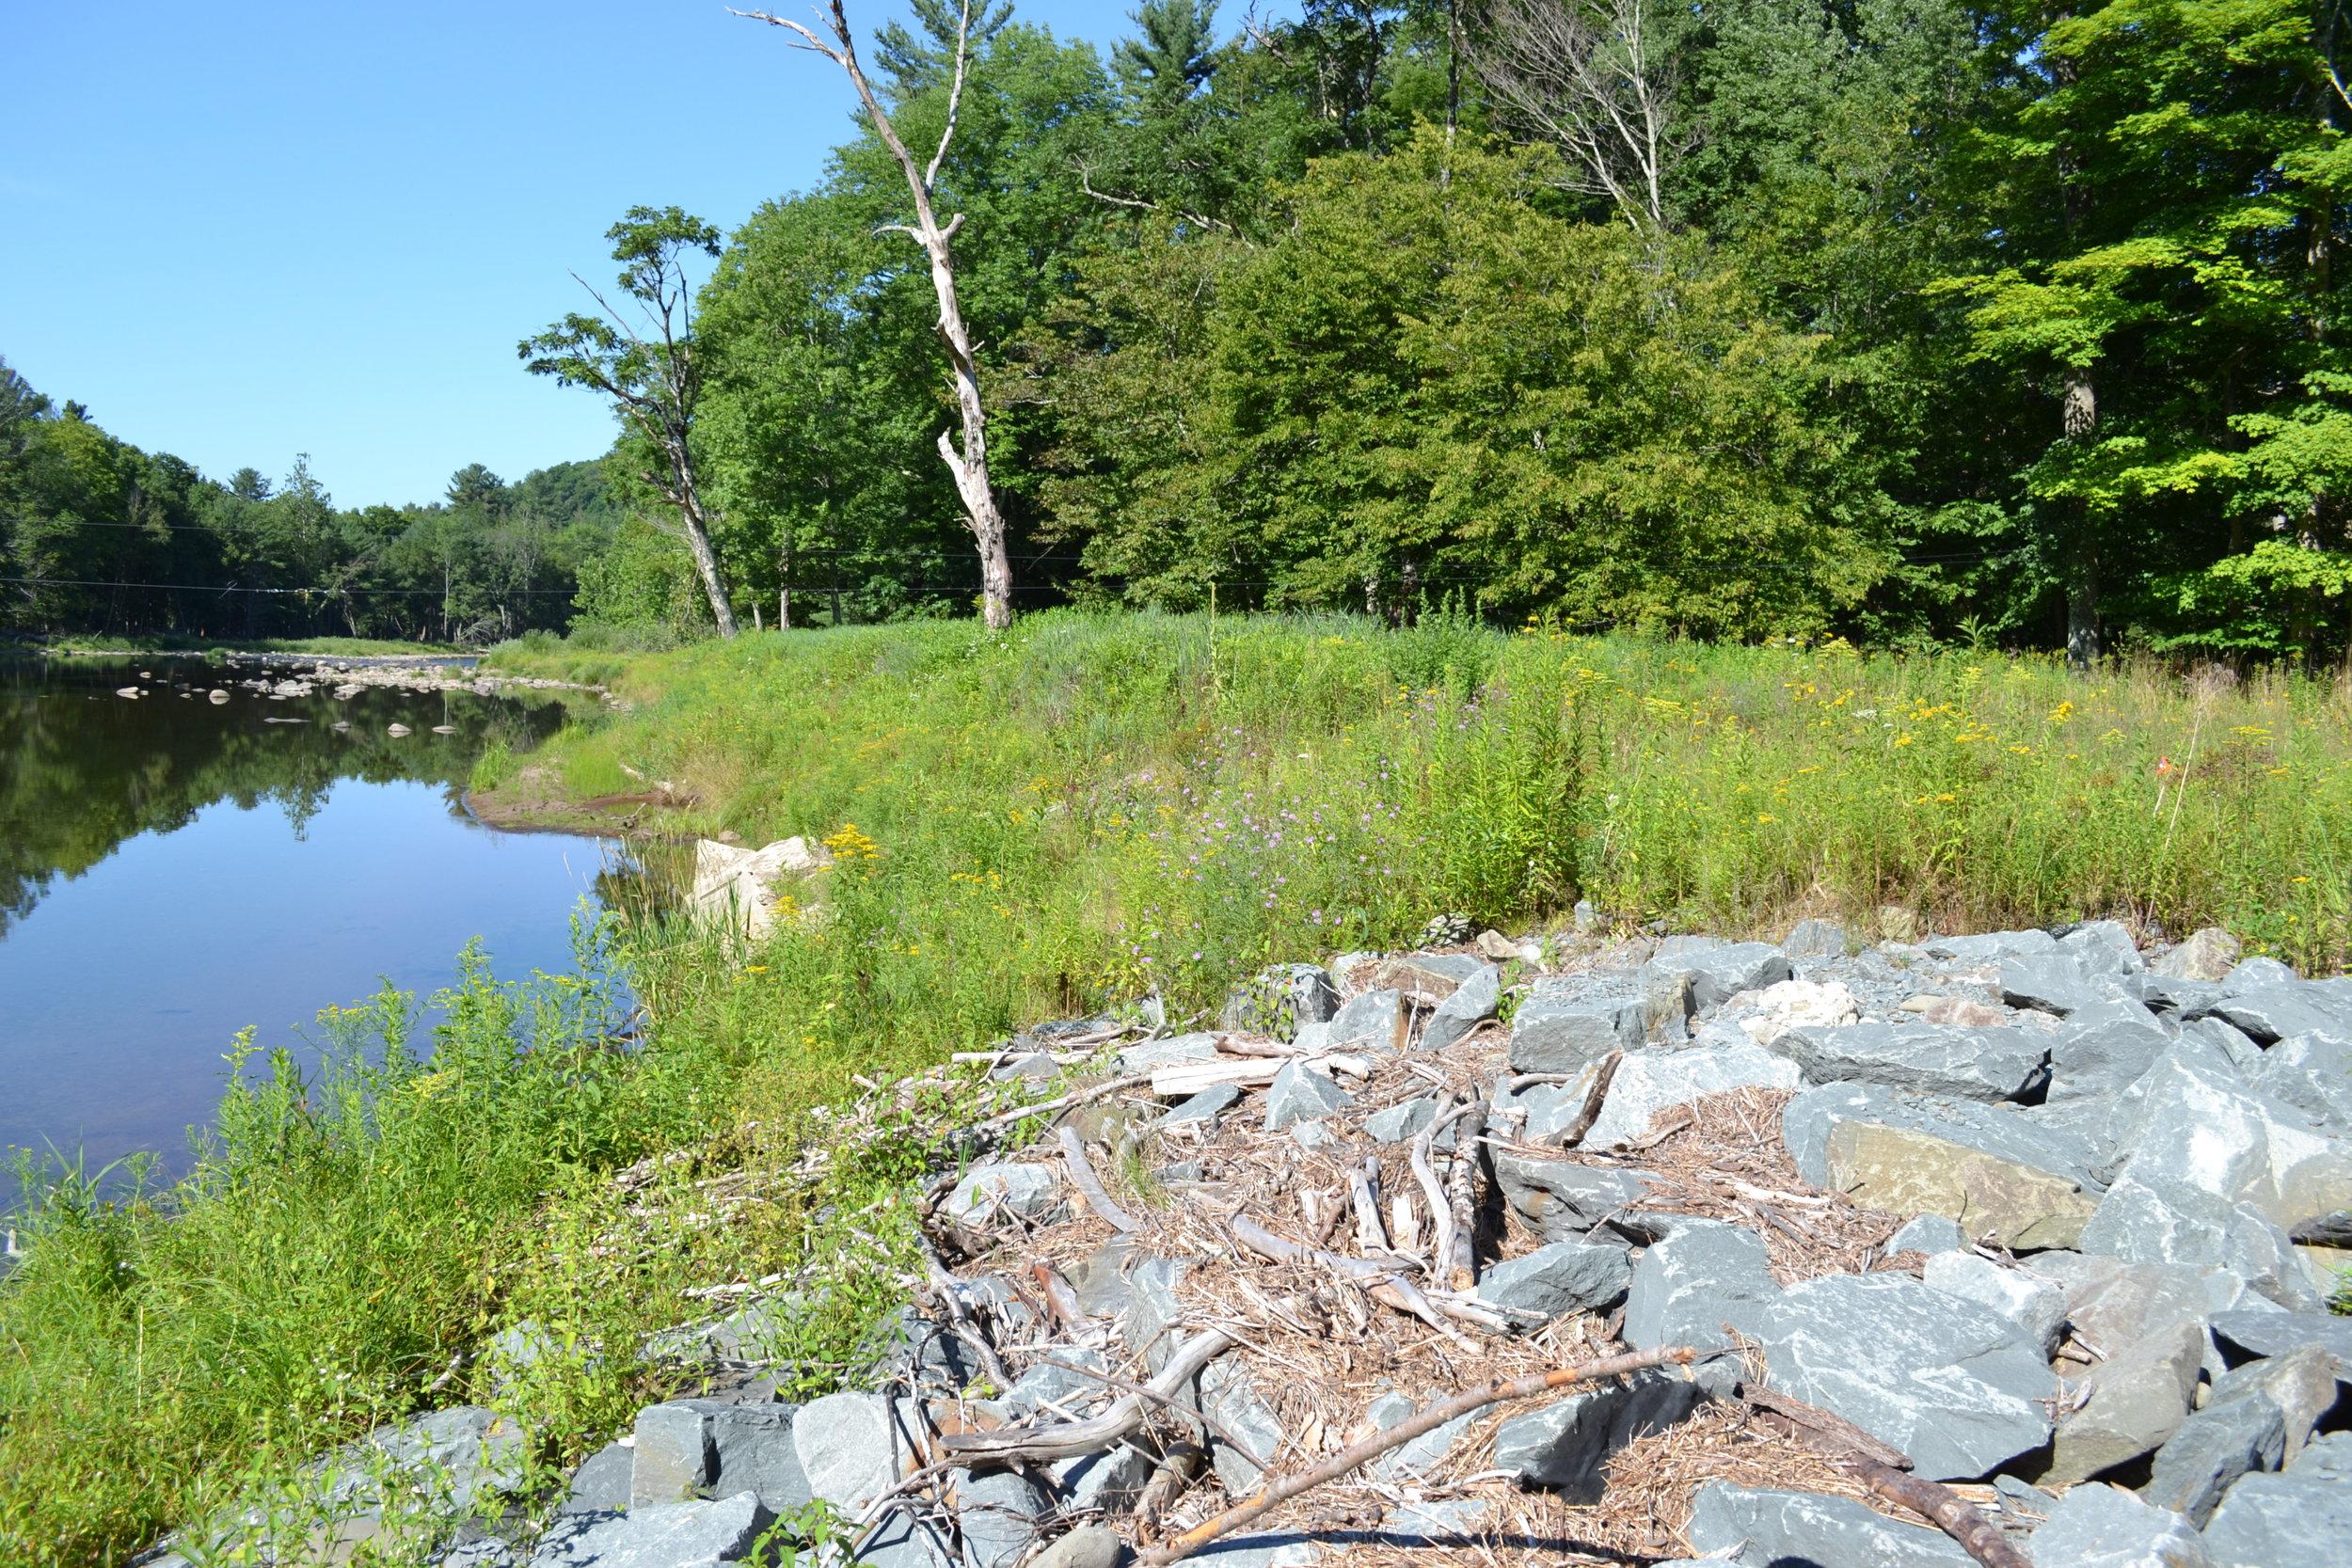 Riparian Buffer Planting at Halls Mills Covered Bridge, Main Stem Neversink River (CSBI)